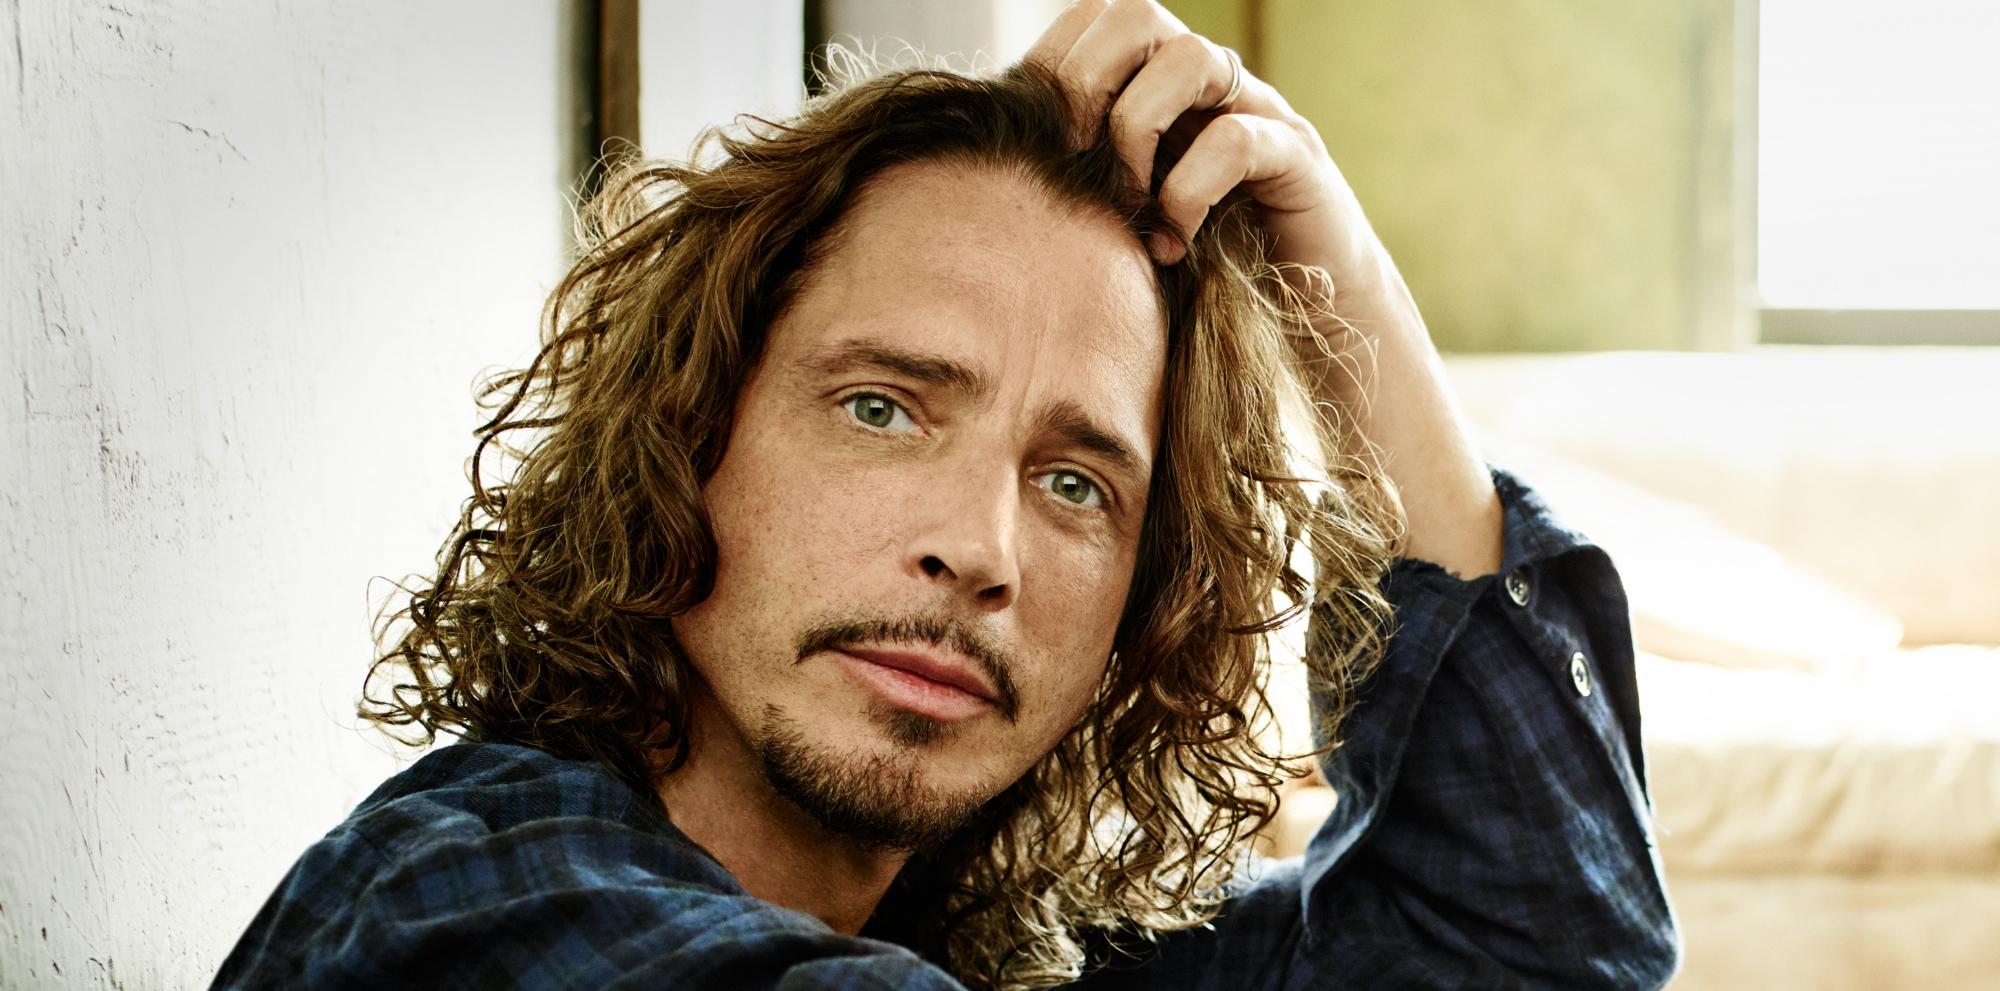 Breaking News: Chris Cornell Dead at 52